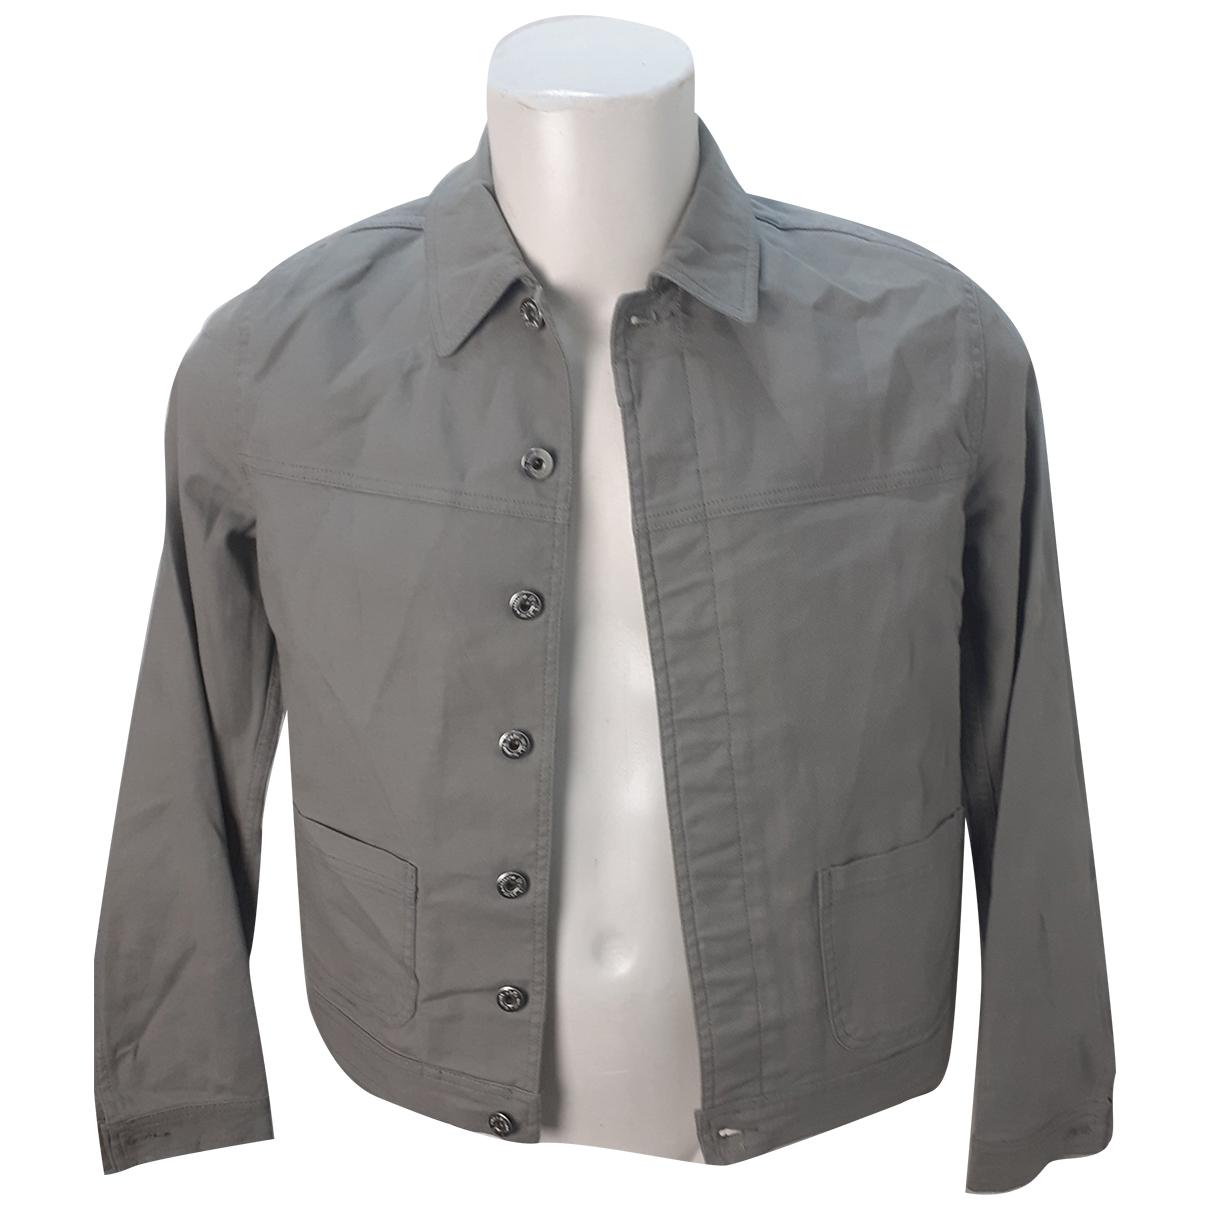 D&g - Vestes.Blousons   pour homme en coton - gris